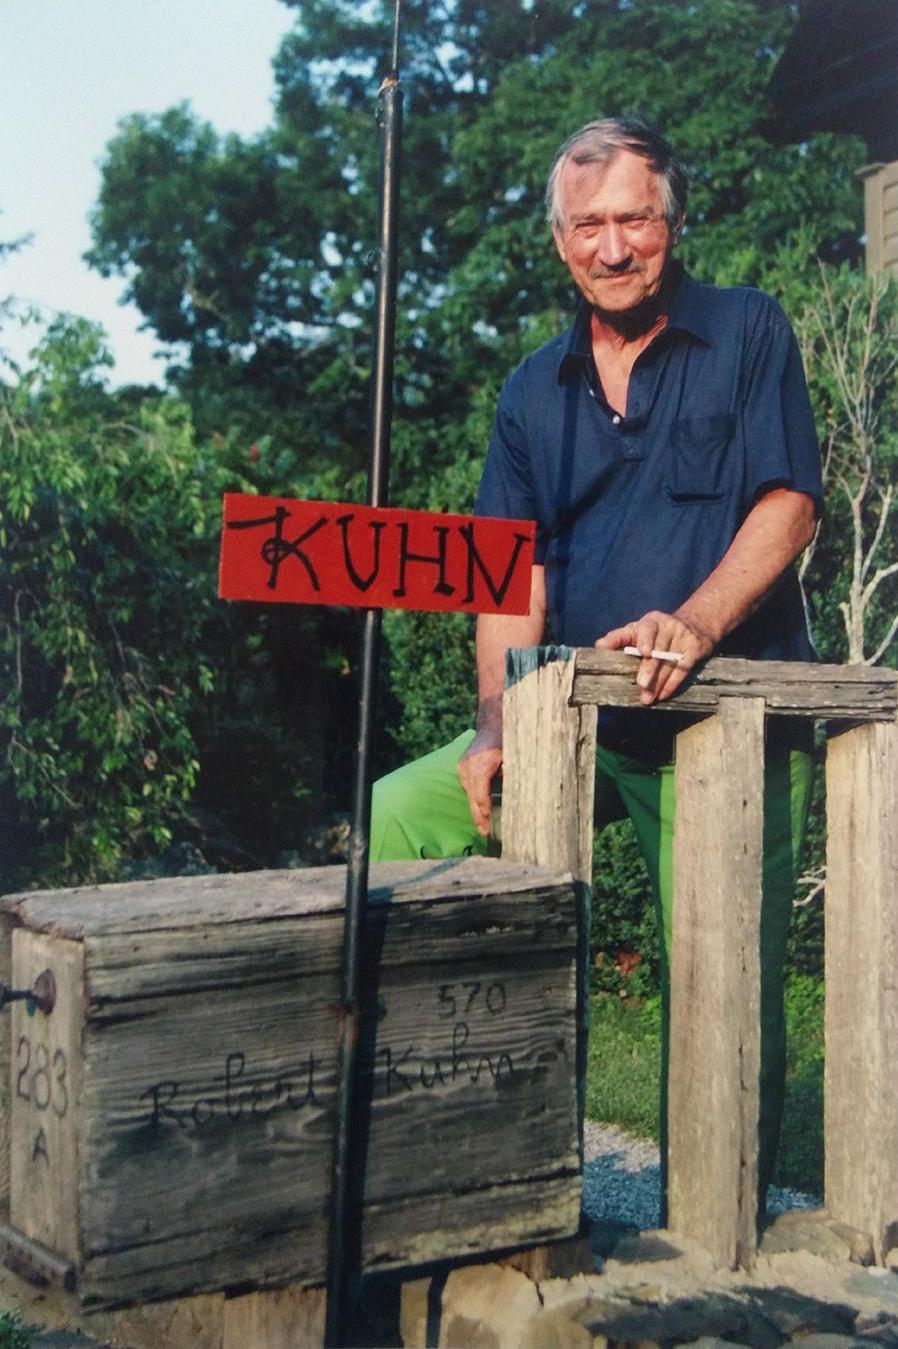 Robert E. Kuhn - Portrait_1.jpg